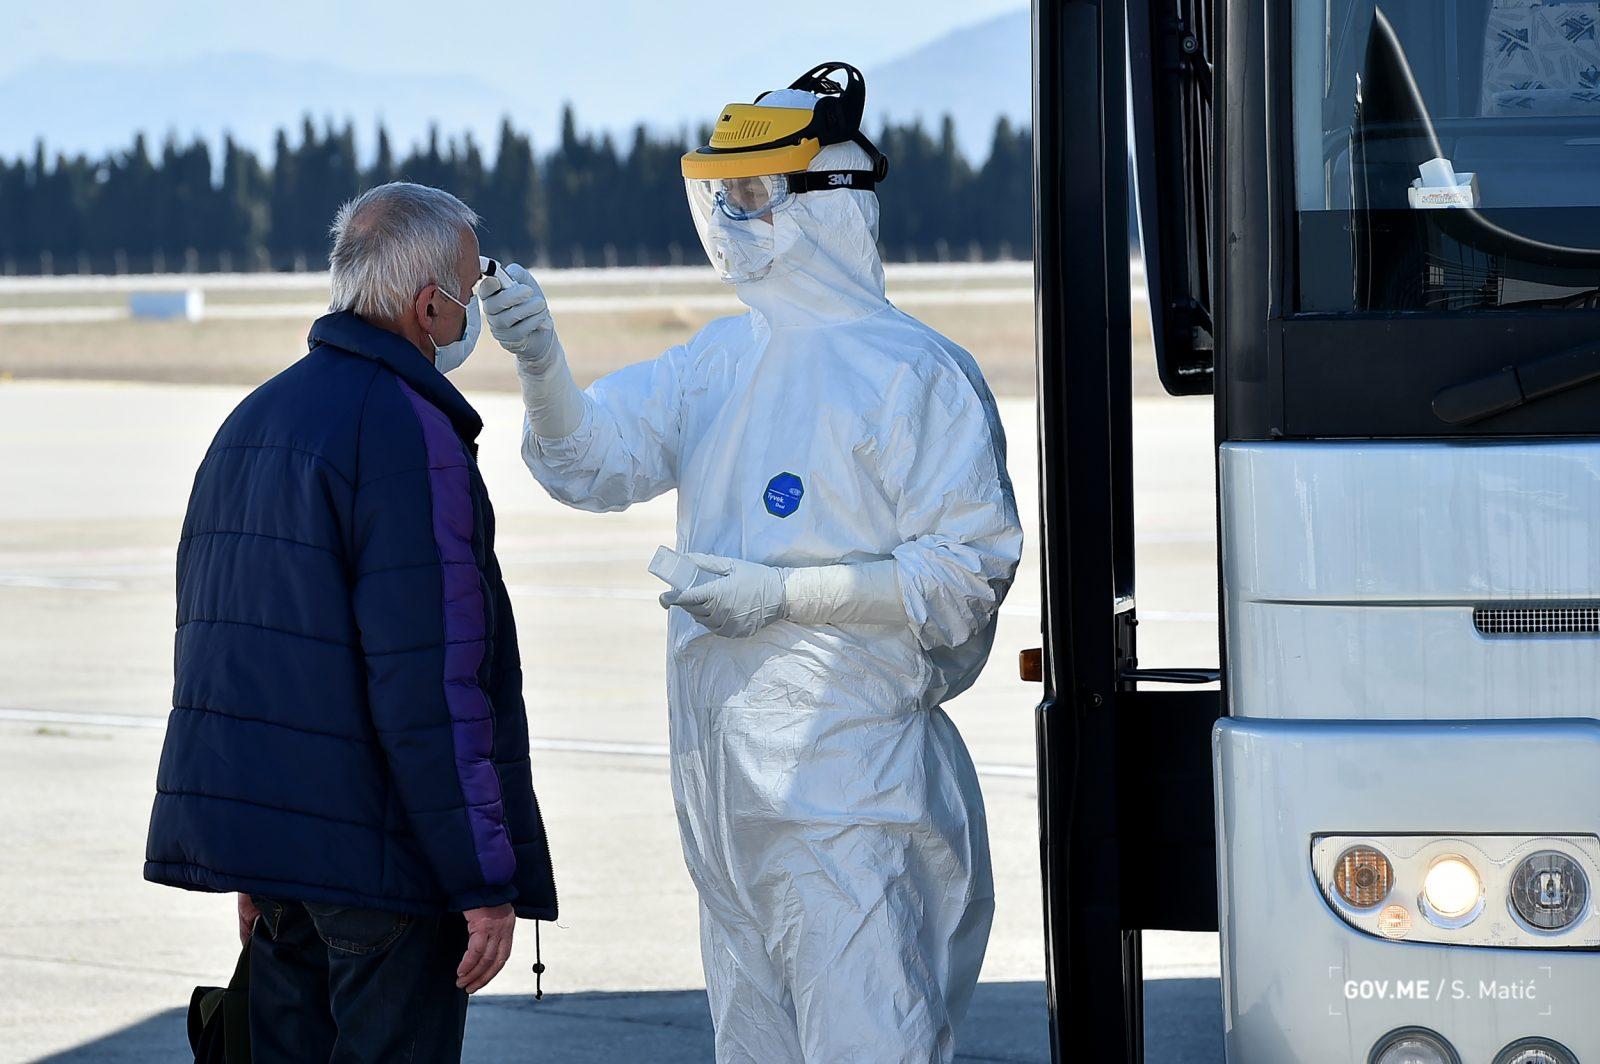 Rritja e numrit të infeksioneve, ashpërsohen masat anti-Covid në Mal të Zi